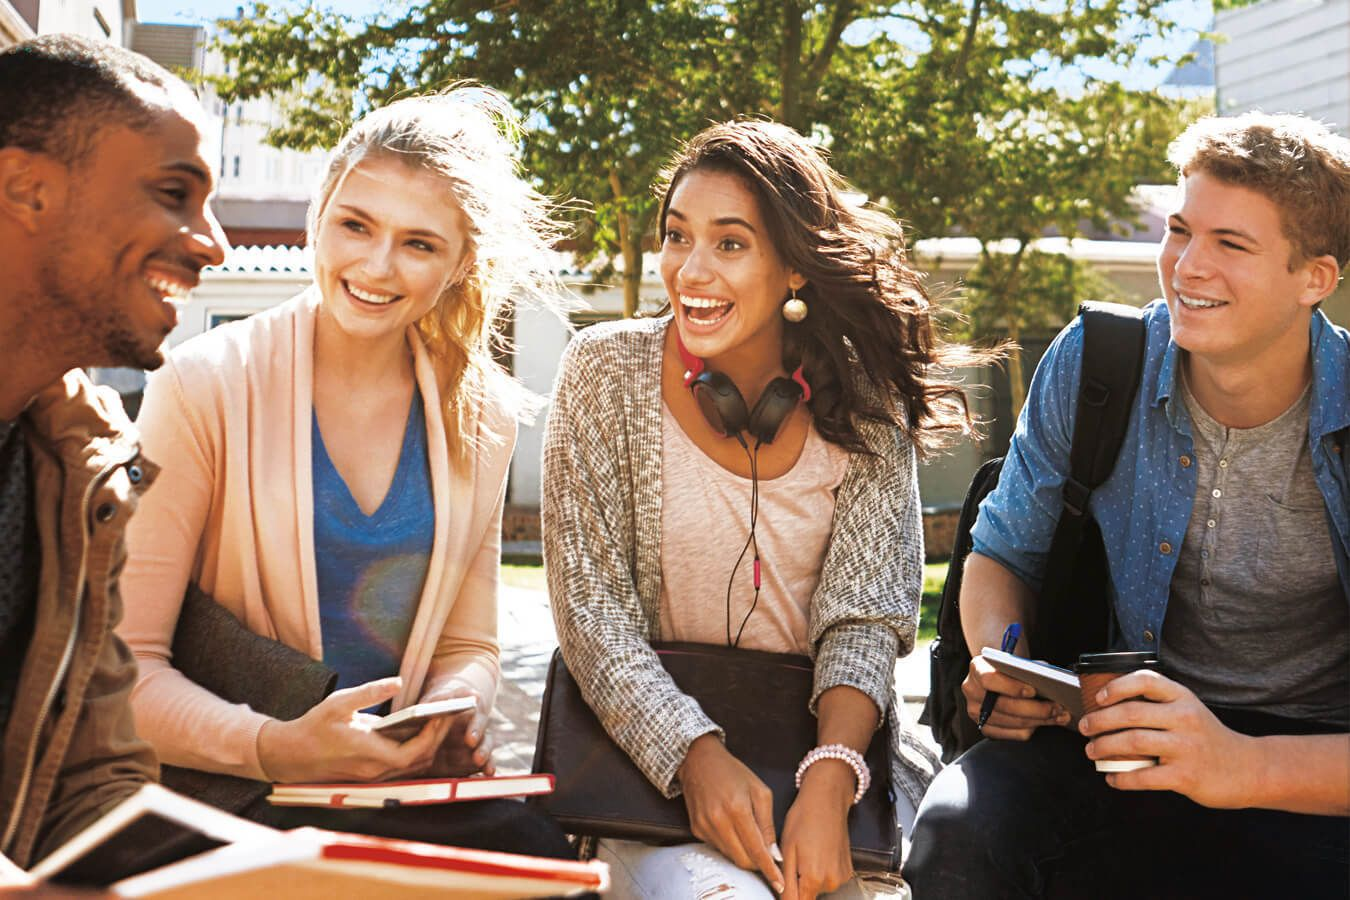 Курсы английского для подростков в США на базе университетов